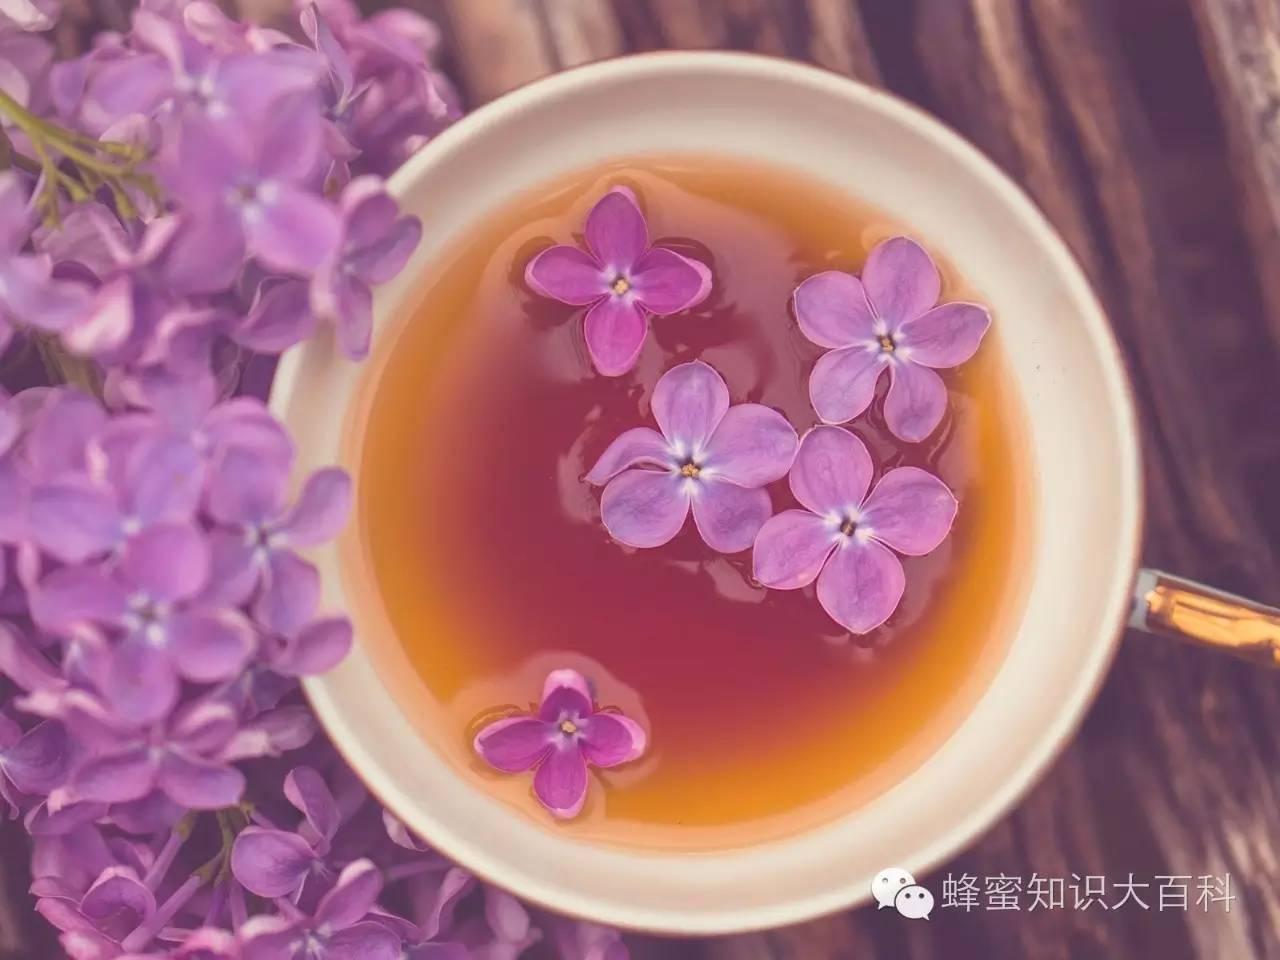 蜜蜂病虫害 蜂蜜奶粉 蜂蜜加盟 什么蜂蜜比较好 岩蜂蜜